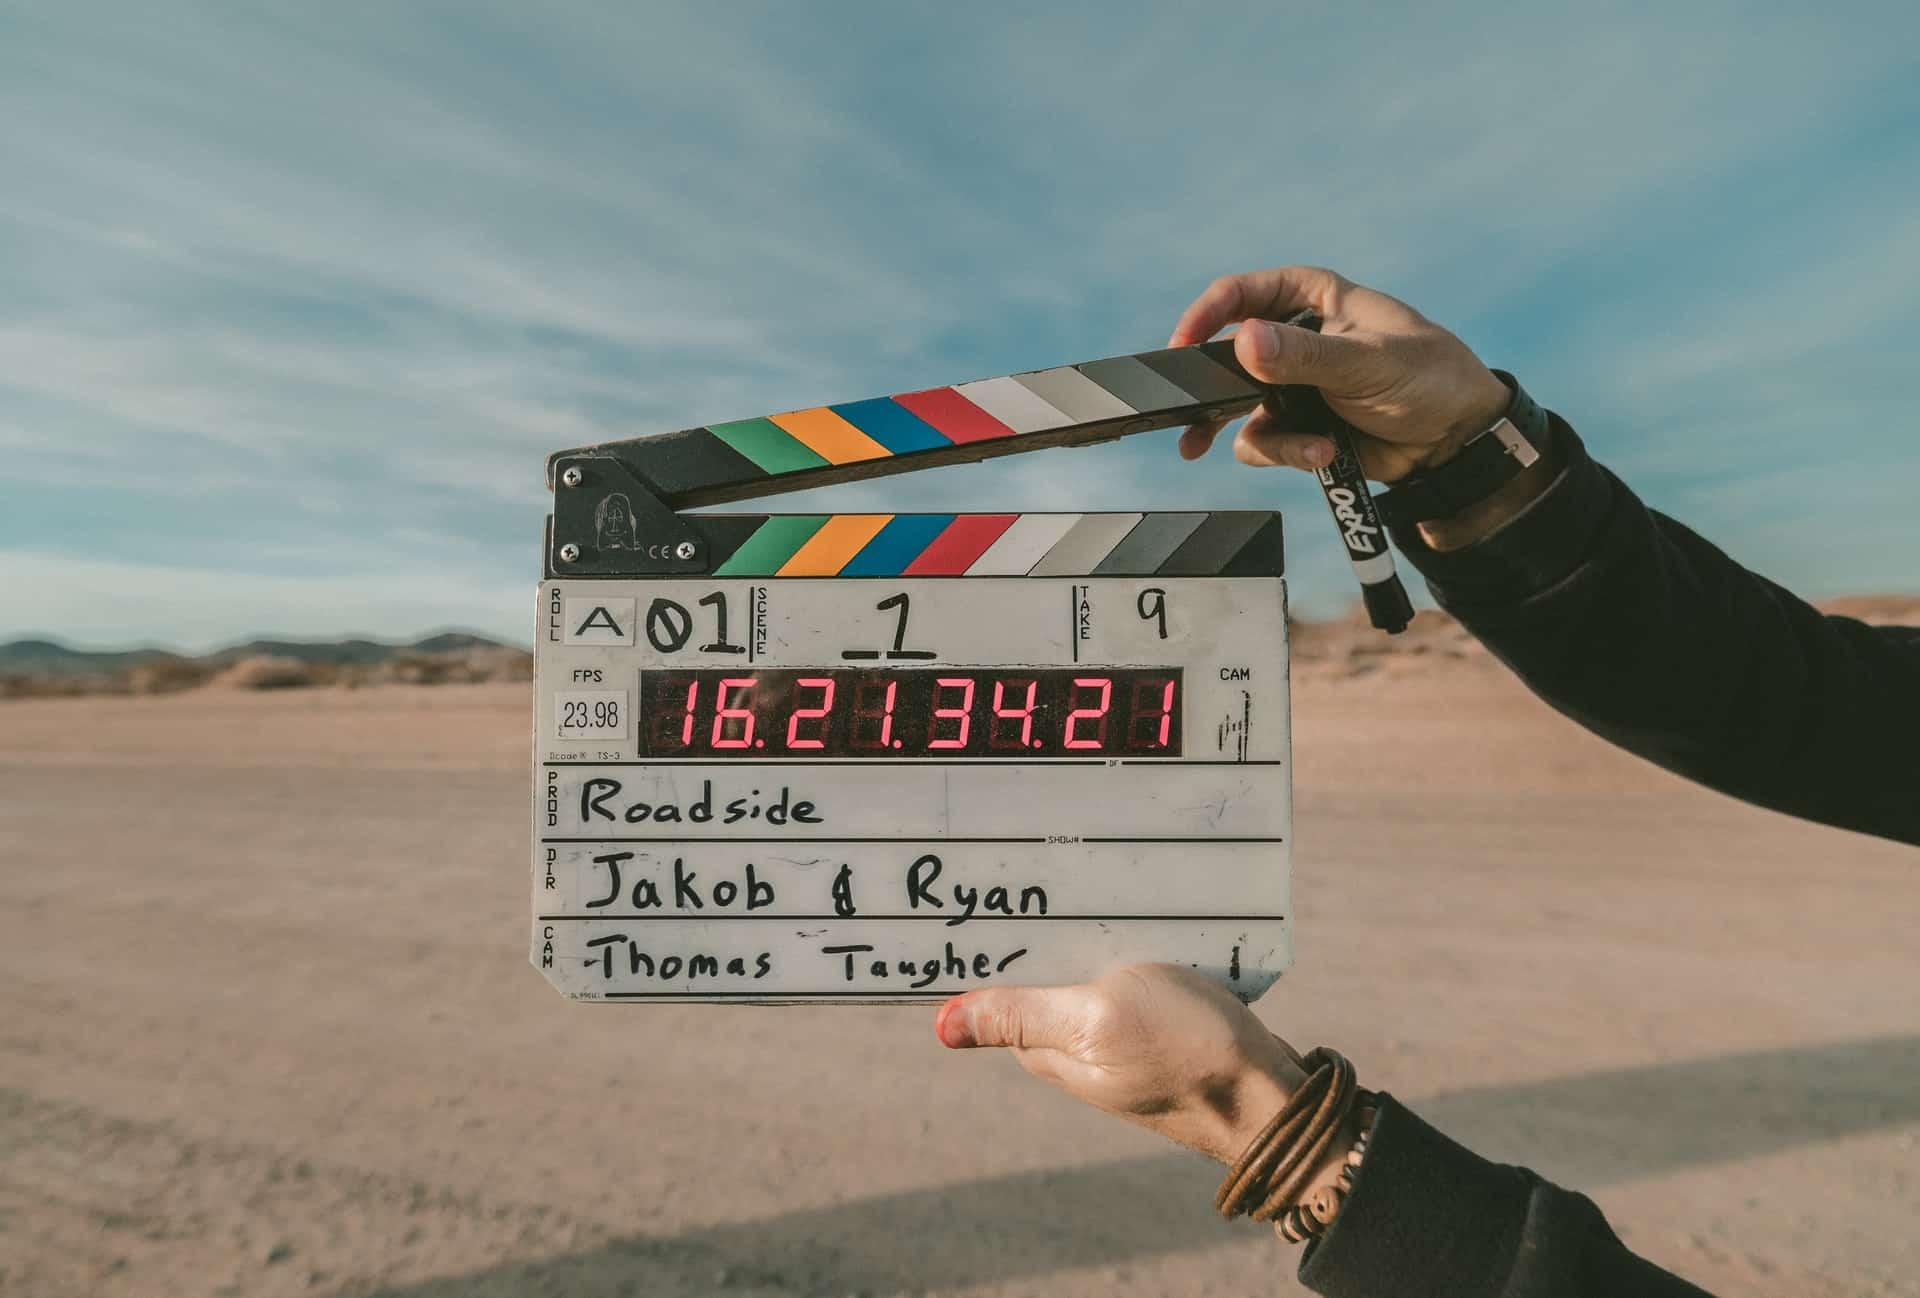 壹間學校-影視文章-劇本編劇寫作電影製作影視全流程認識電影產業